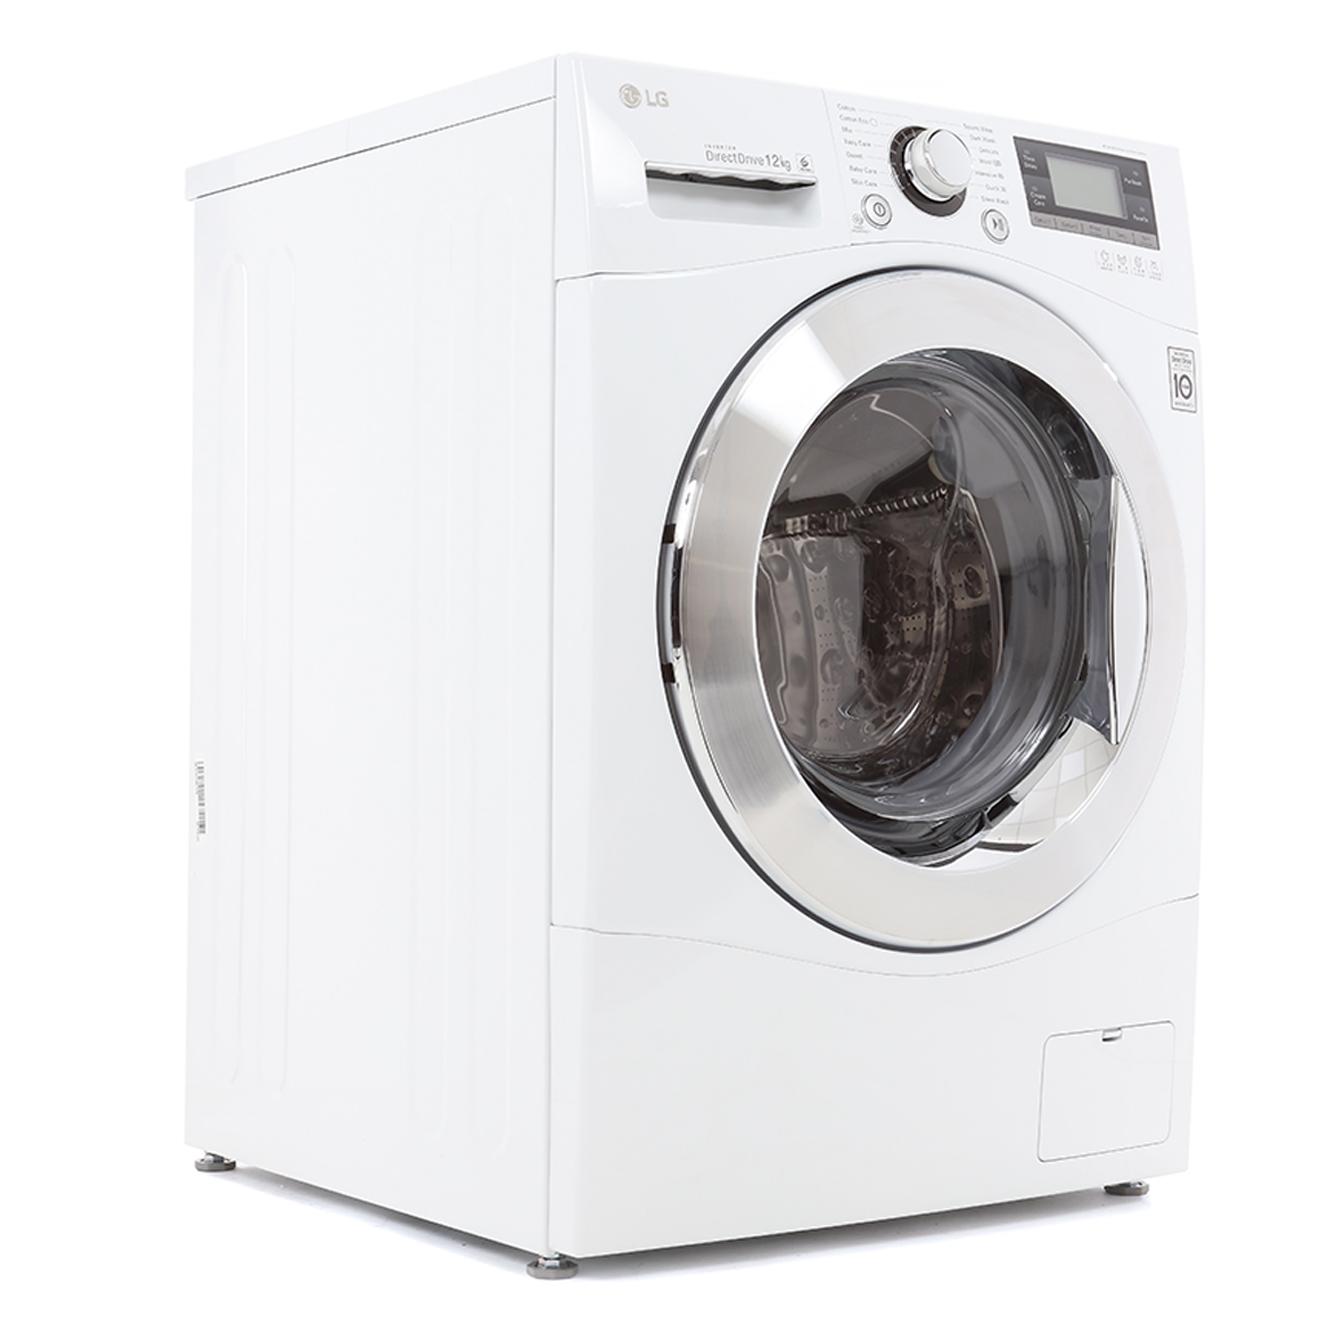 Buy lg 6 motion direct drive f1495bda washing machine for Direct drive motor washing machine